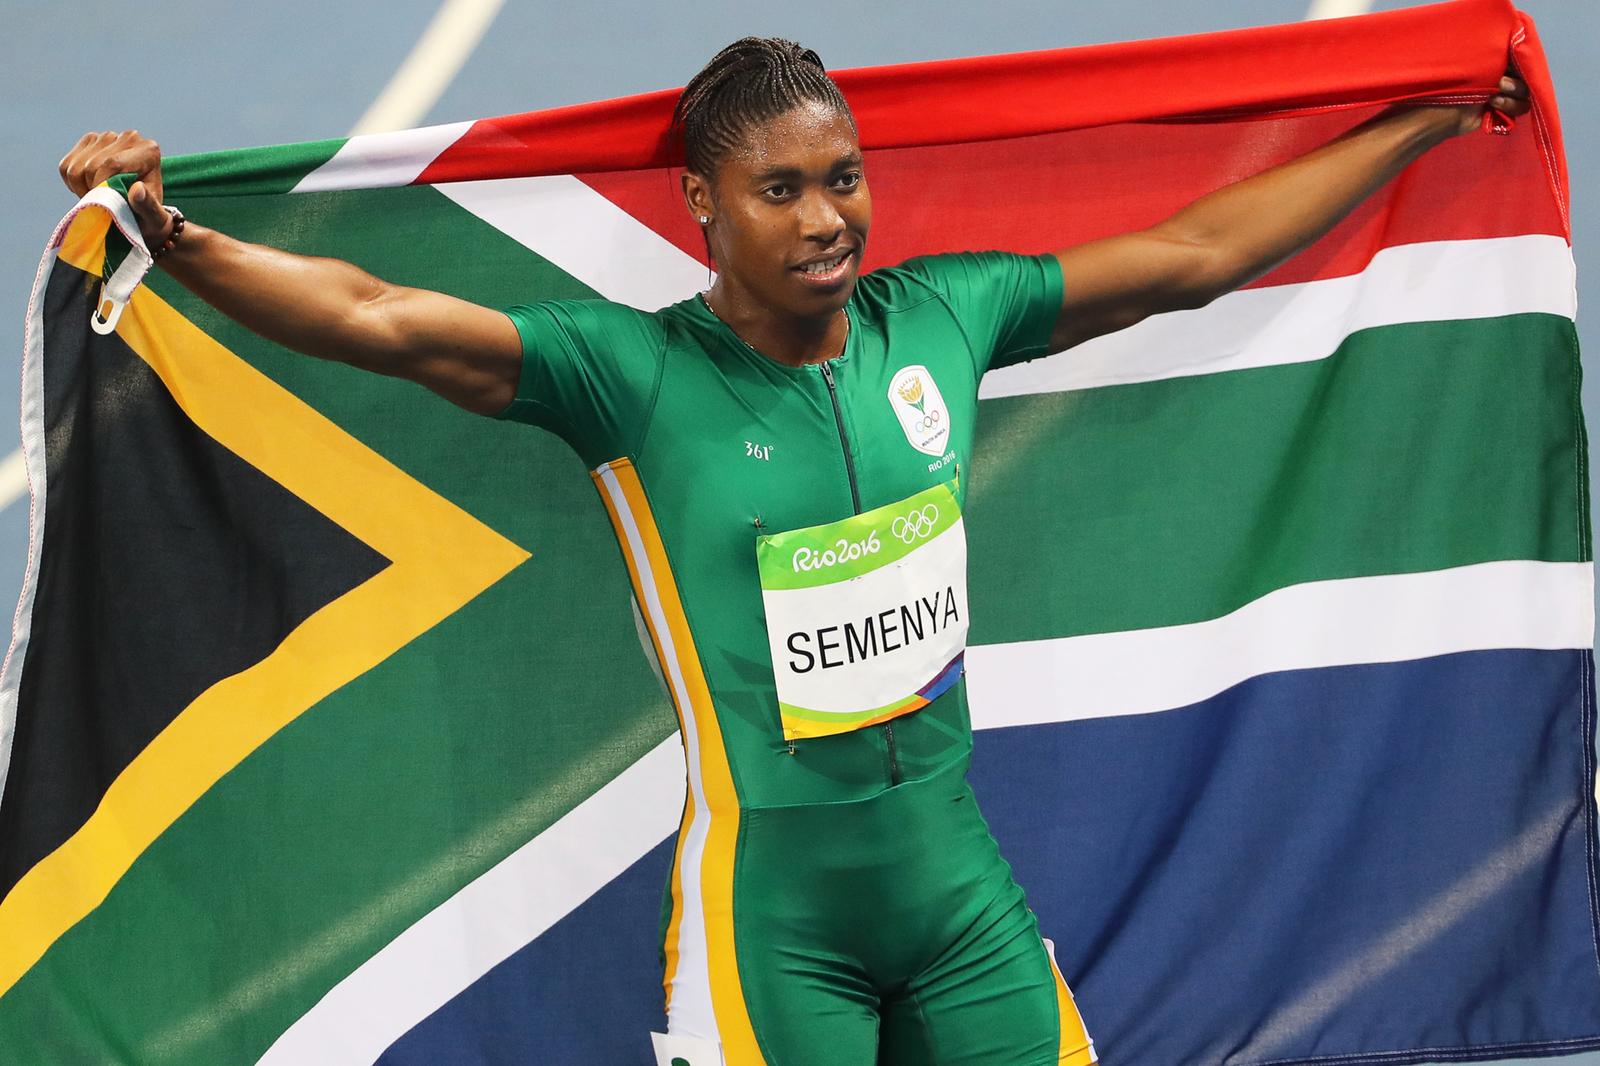 Южноафриканка Кастер Семеня победила на 800-метровой дистанции